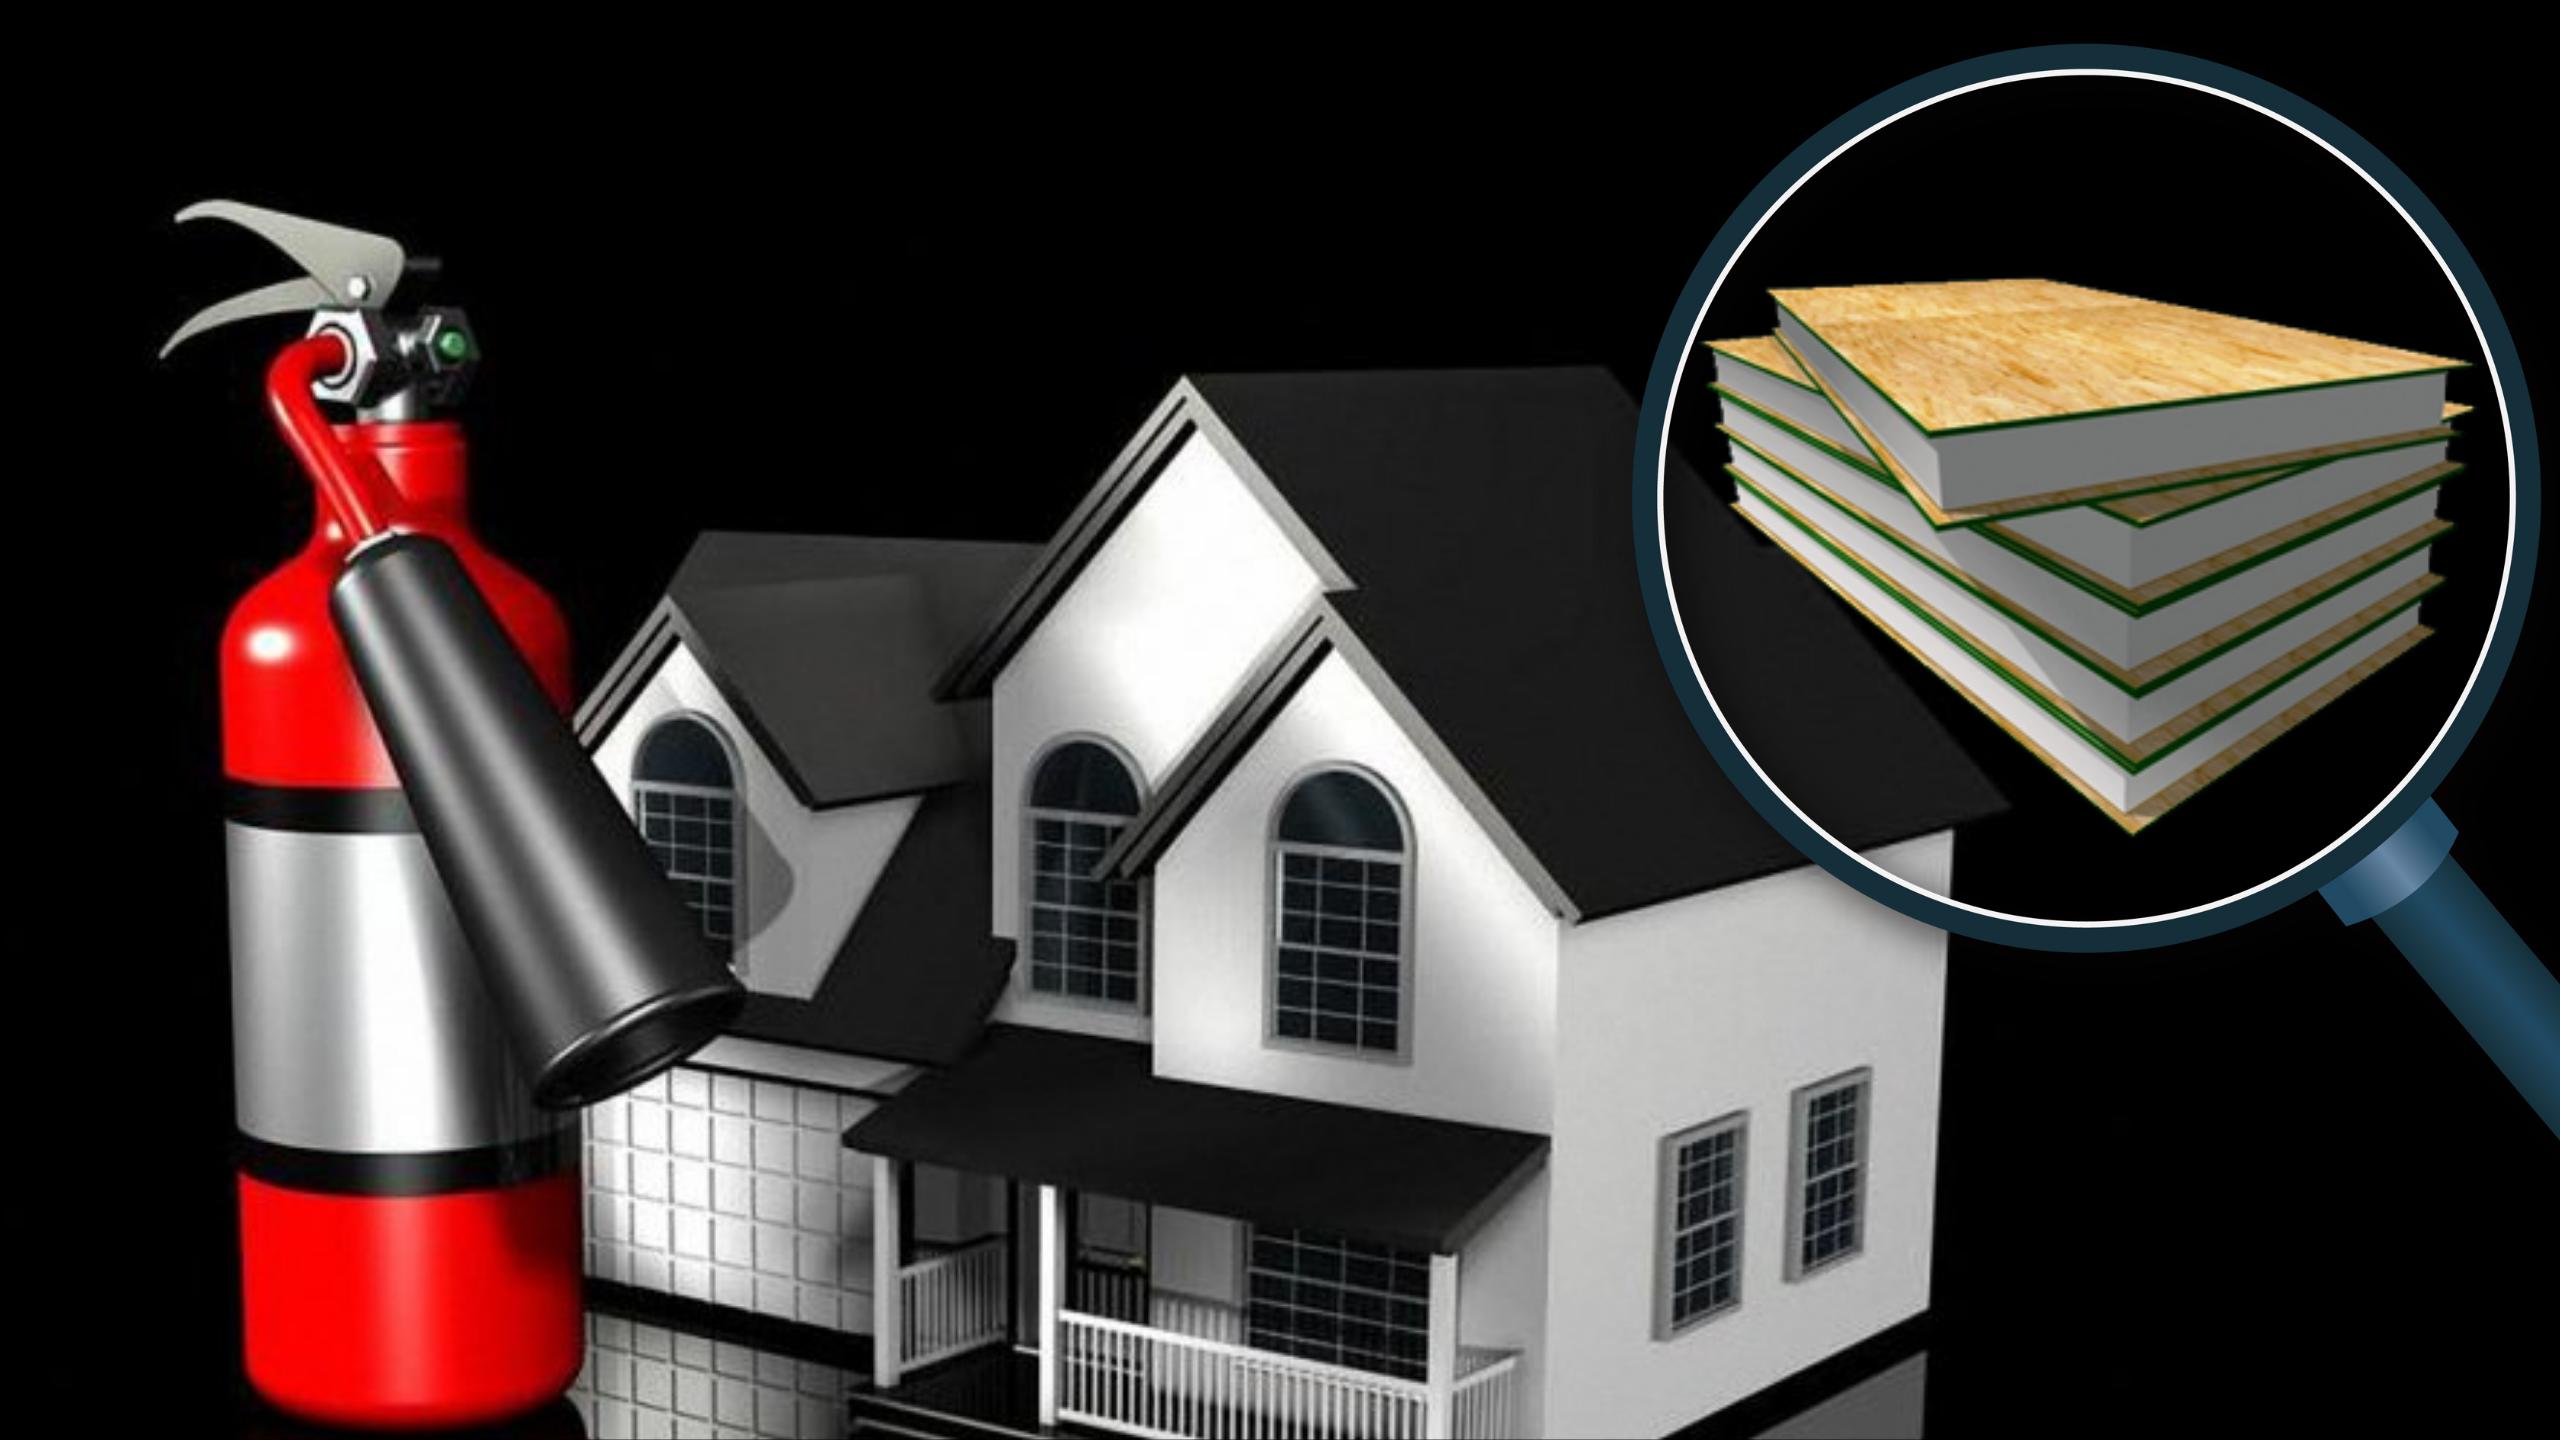 Насколько безопасно жить в канадском доме?